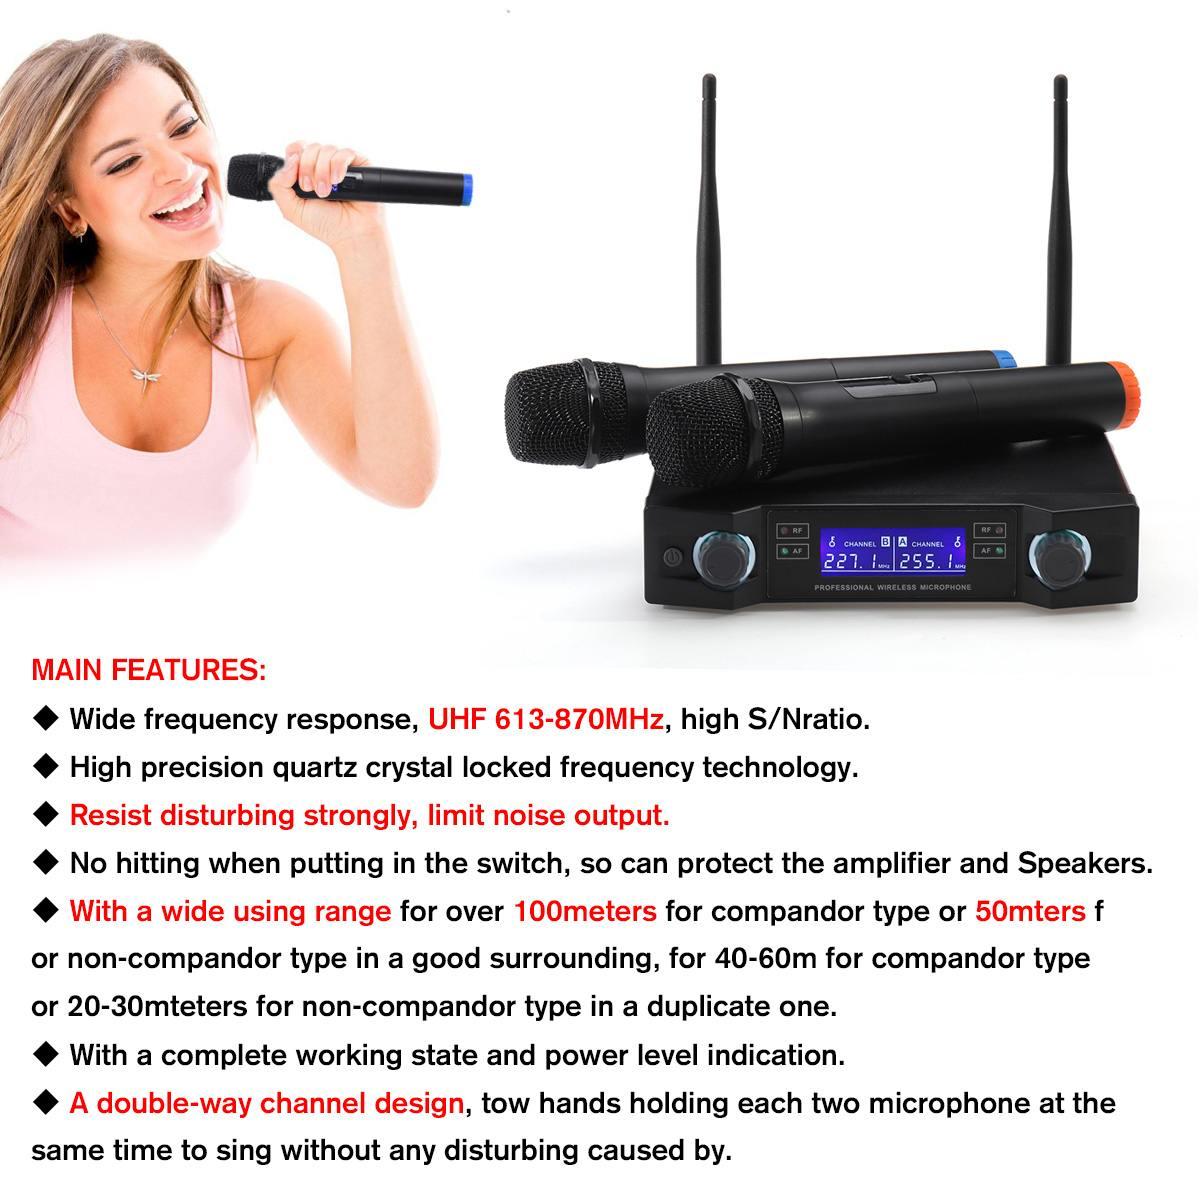 Système de Microphone sans fil UHF dynamique 2 canaux 2 poche karaoké Microphone cardioïde professionnel - 4